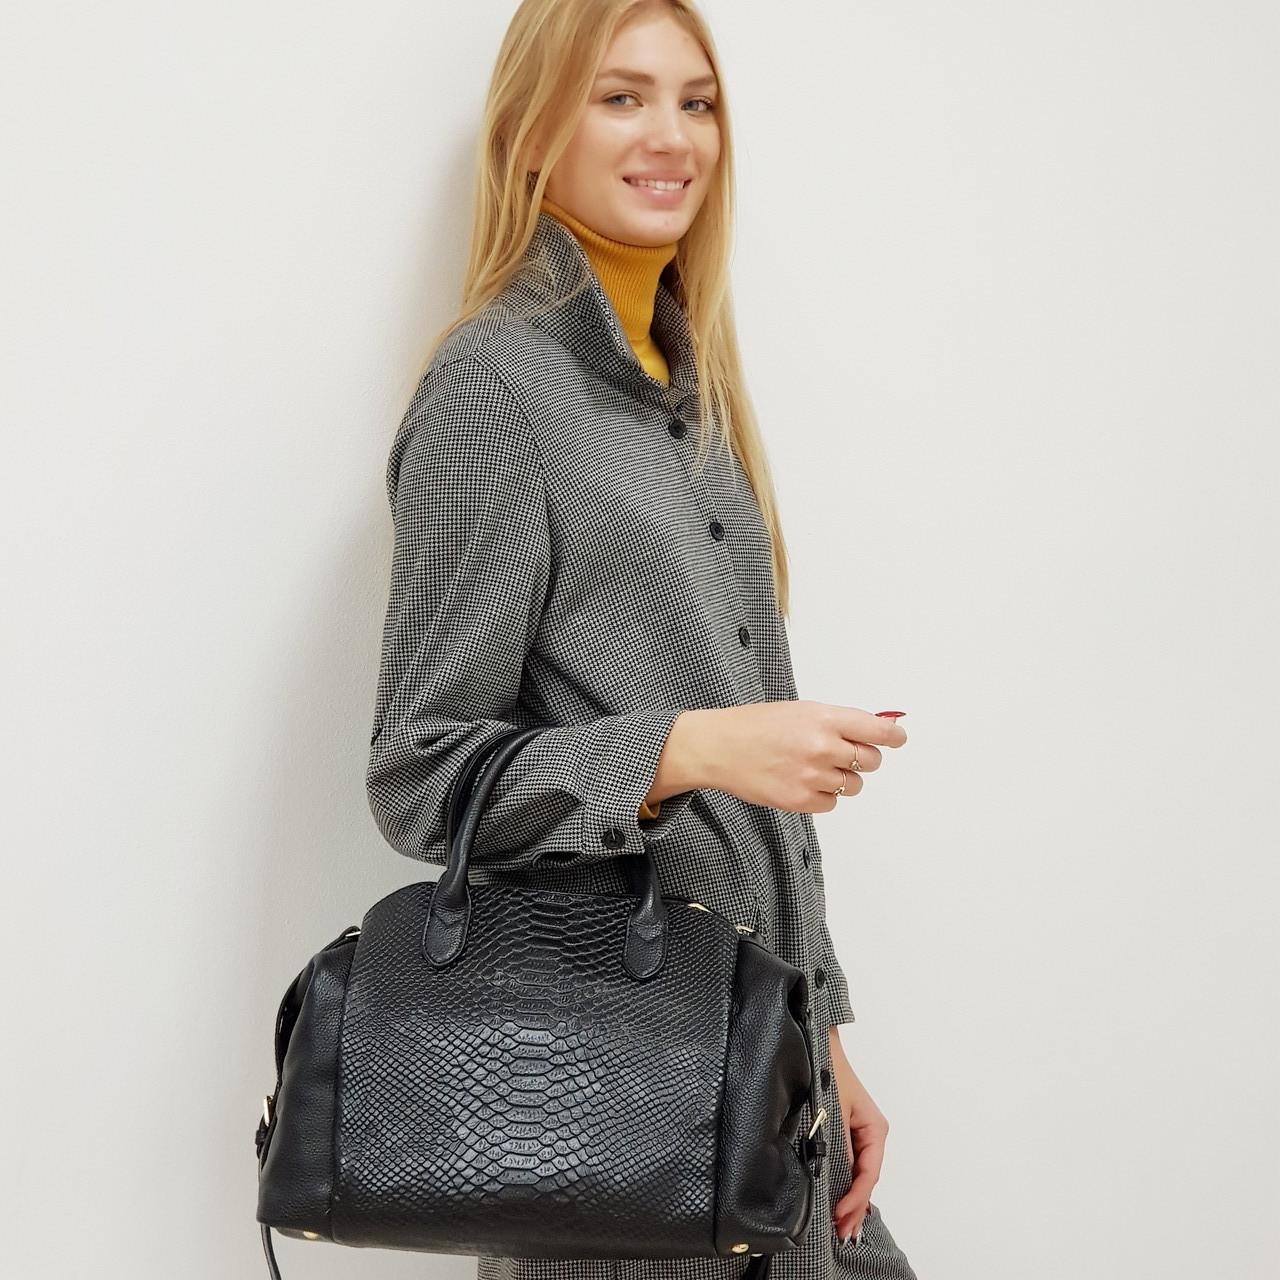 Жіноча сумка з натуральної шкіри чорна велика повсякденна